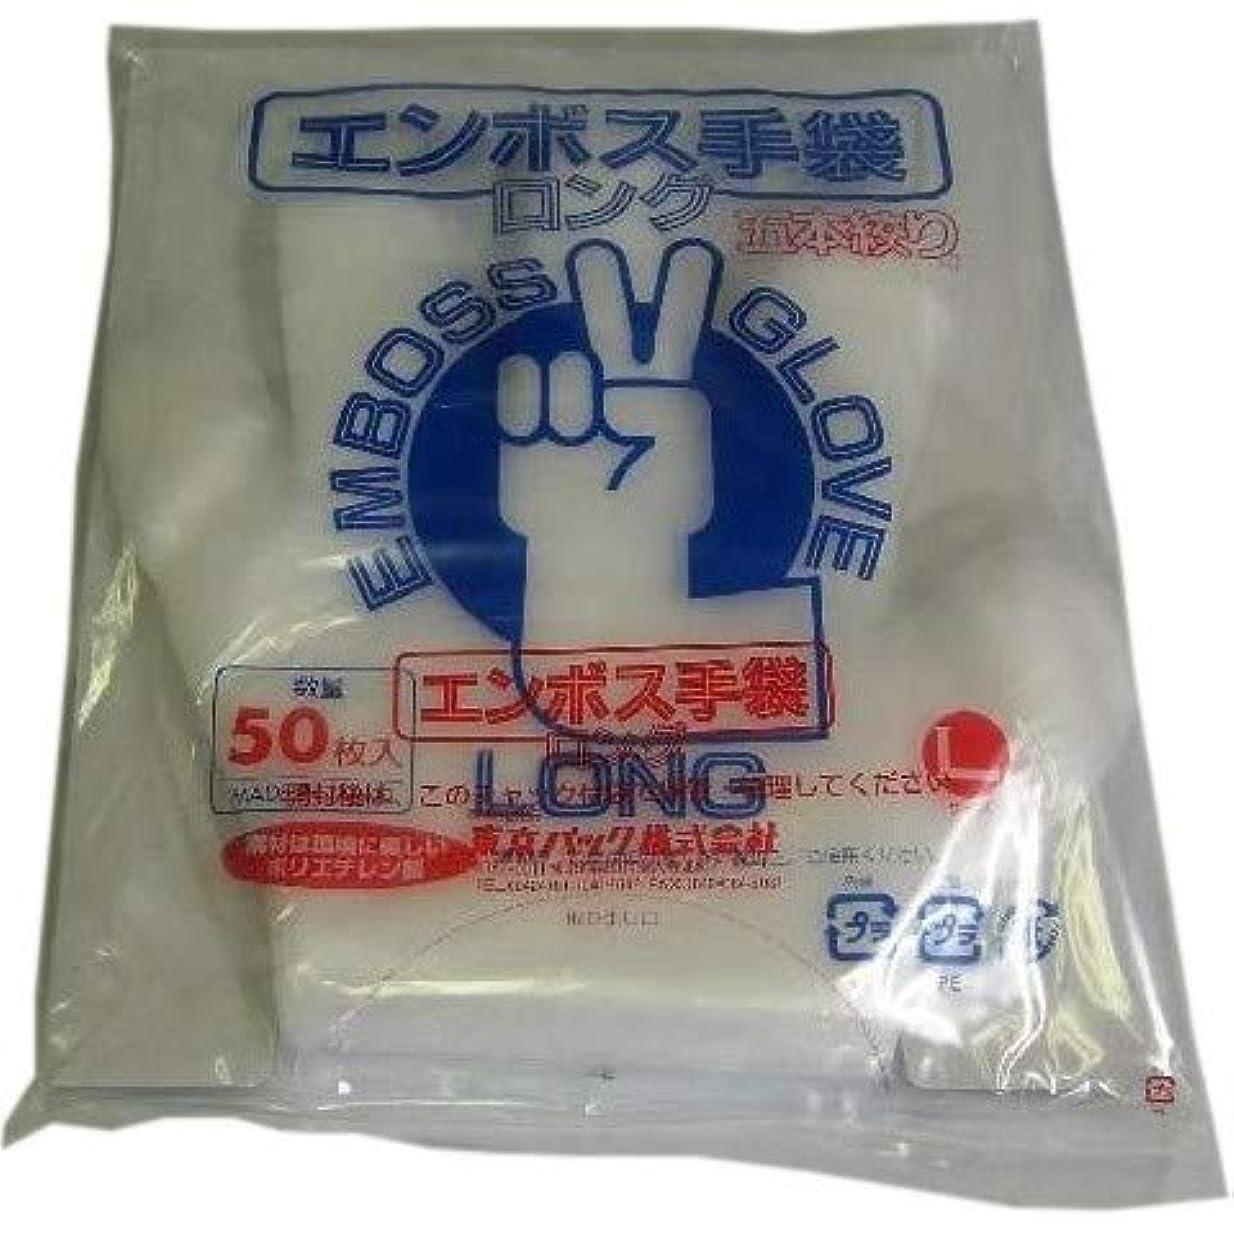 バクテリア自発スノーケルエンボス手袋ロング 5本絞り ナチュラル L 50枚入x10袋入り